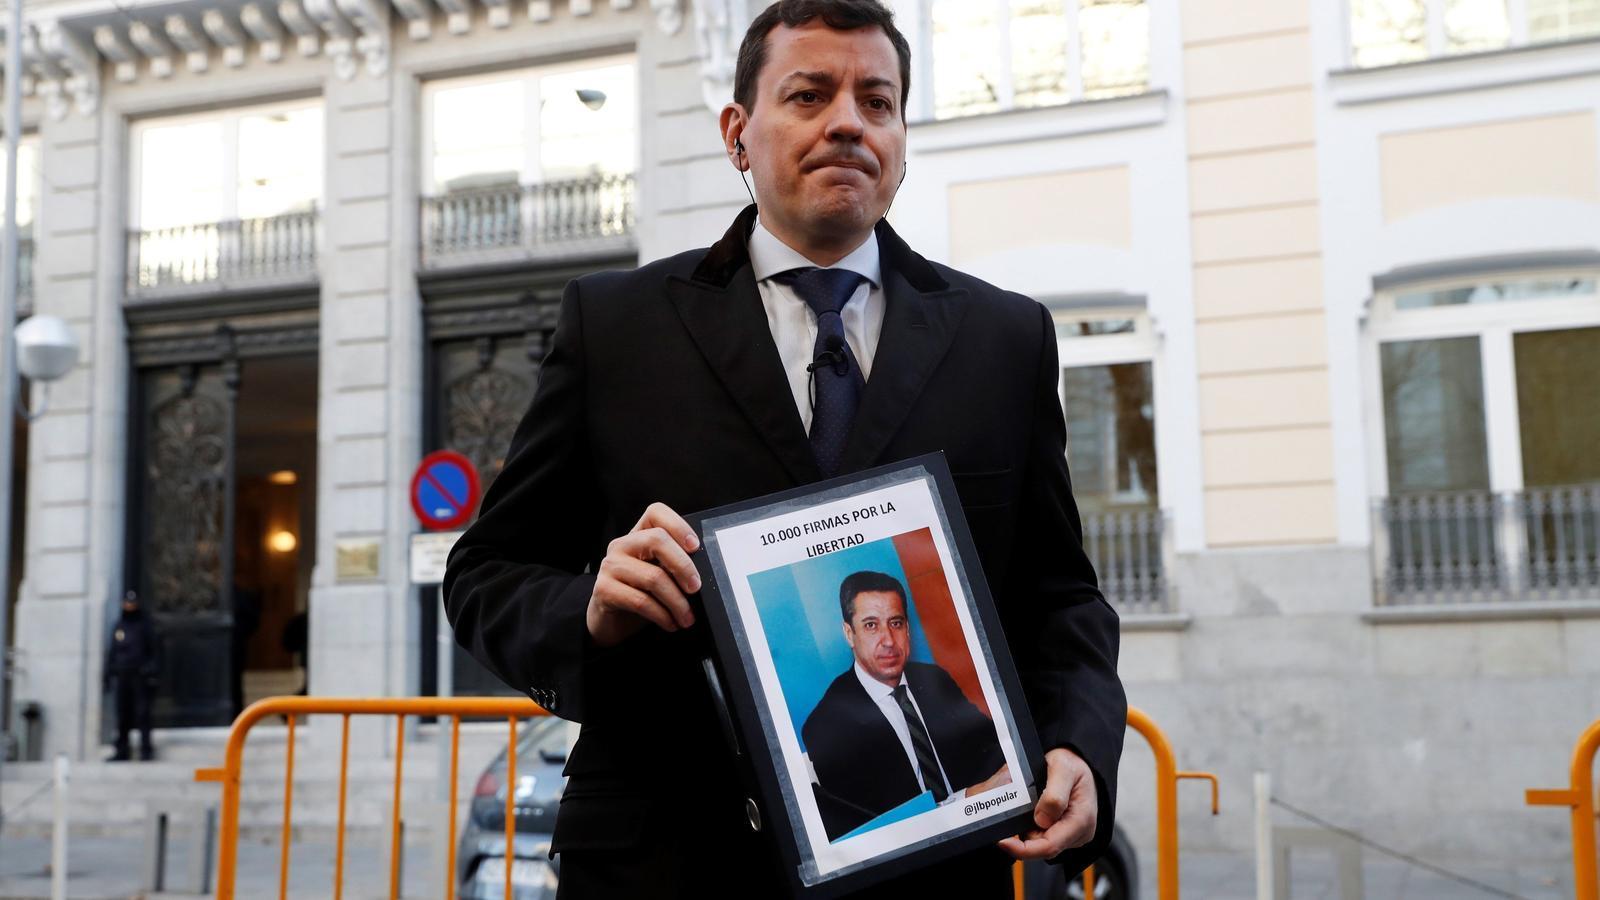 Presenten 10.000 firmes per reclamar la fi de la presó provisional d'Eduardo Zaplana